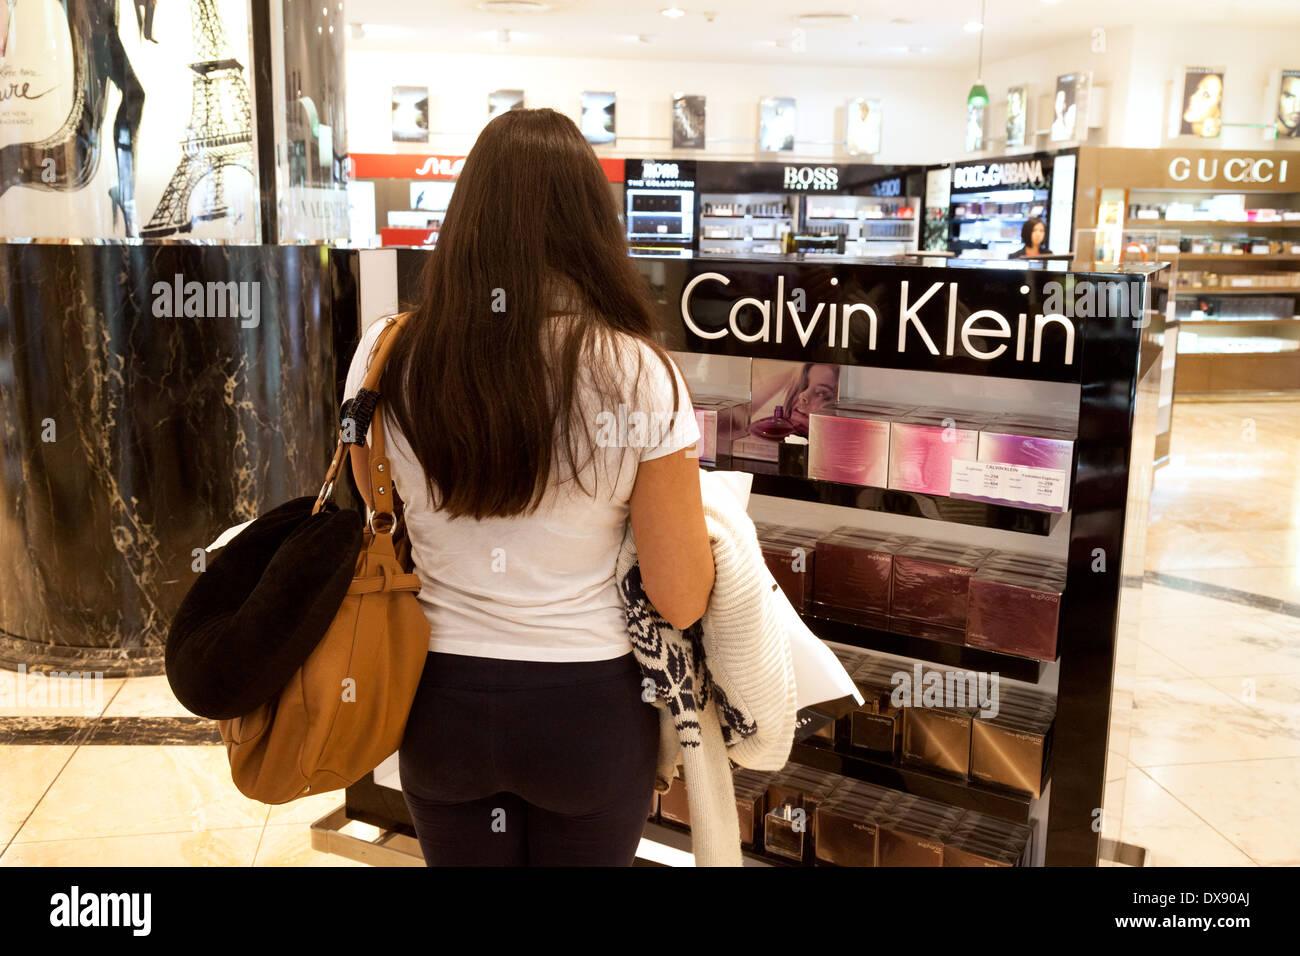 Frau shopping für Calvin Klein Parfüm, Duty Free Shop, Flughafen Dubai, Vereinigte Arabische Emirate, Vereinigte Arabische Emirate Naher Osten Stockbild